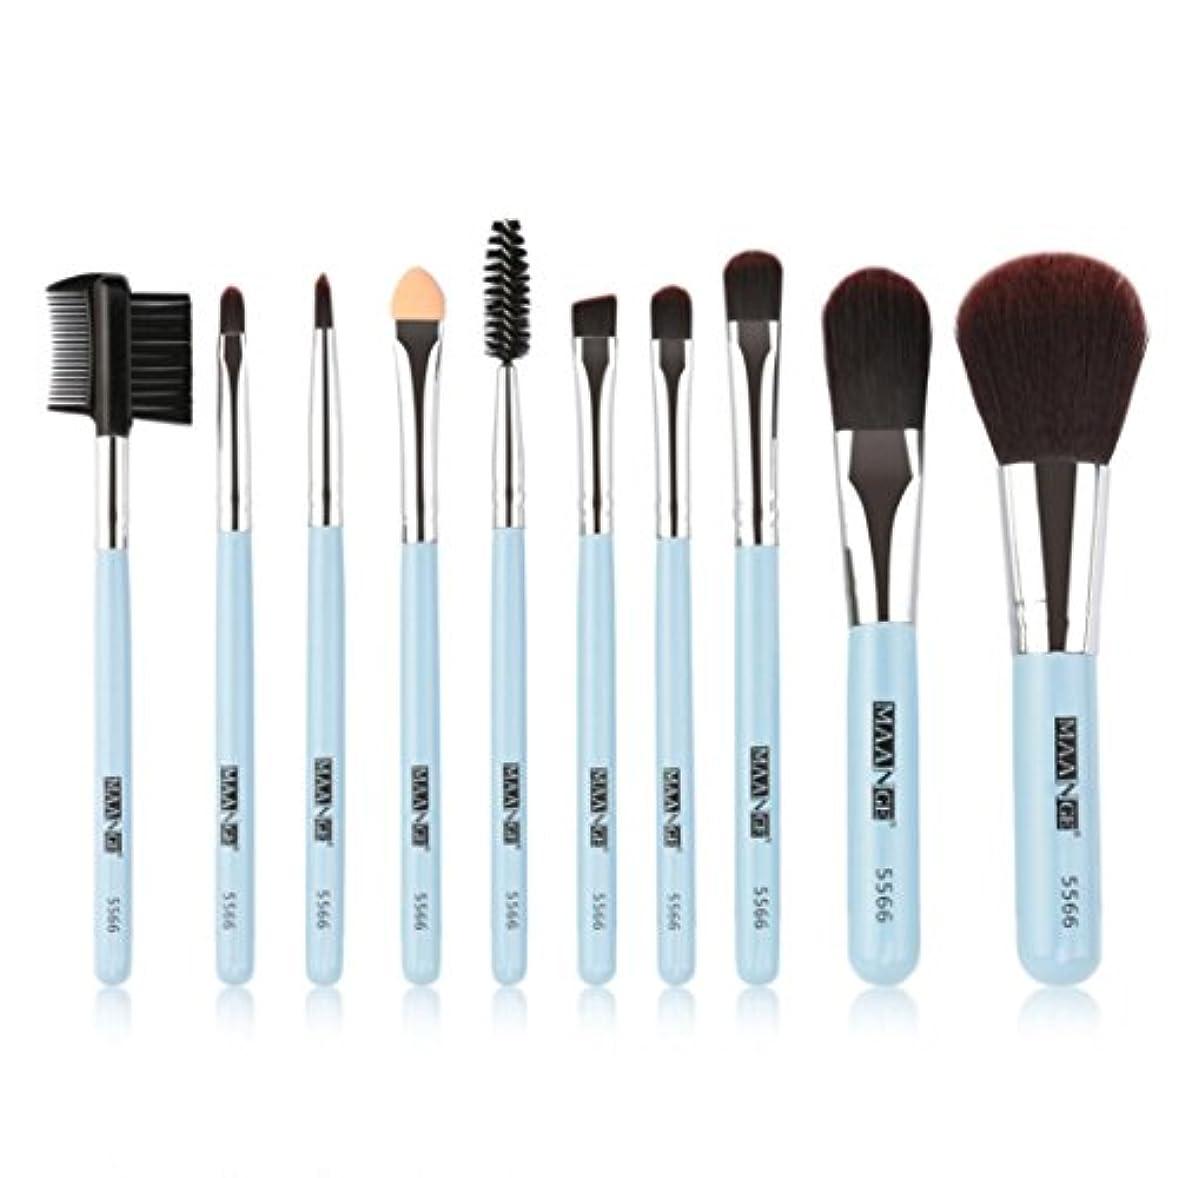 セッション気配りのある汚れたMhomzawa 化粧ブラシ メイクブラシ 化粧筆 10本セット 高級 顔 フェイスブラシ プロメイクアップブラシセット 多機能 便利 可愛い 高級 化粧ブラシ専用 高品質 (ブルー)